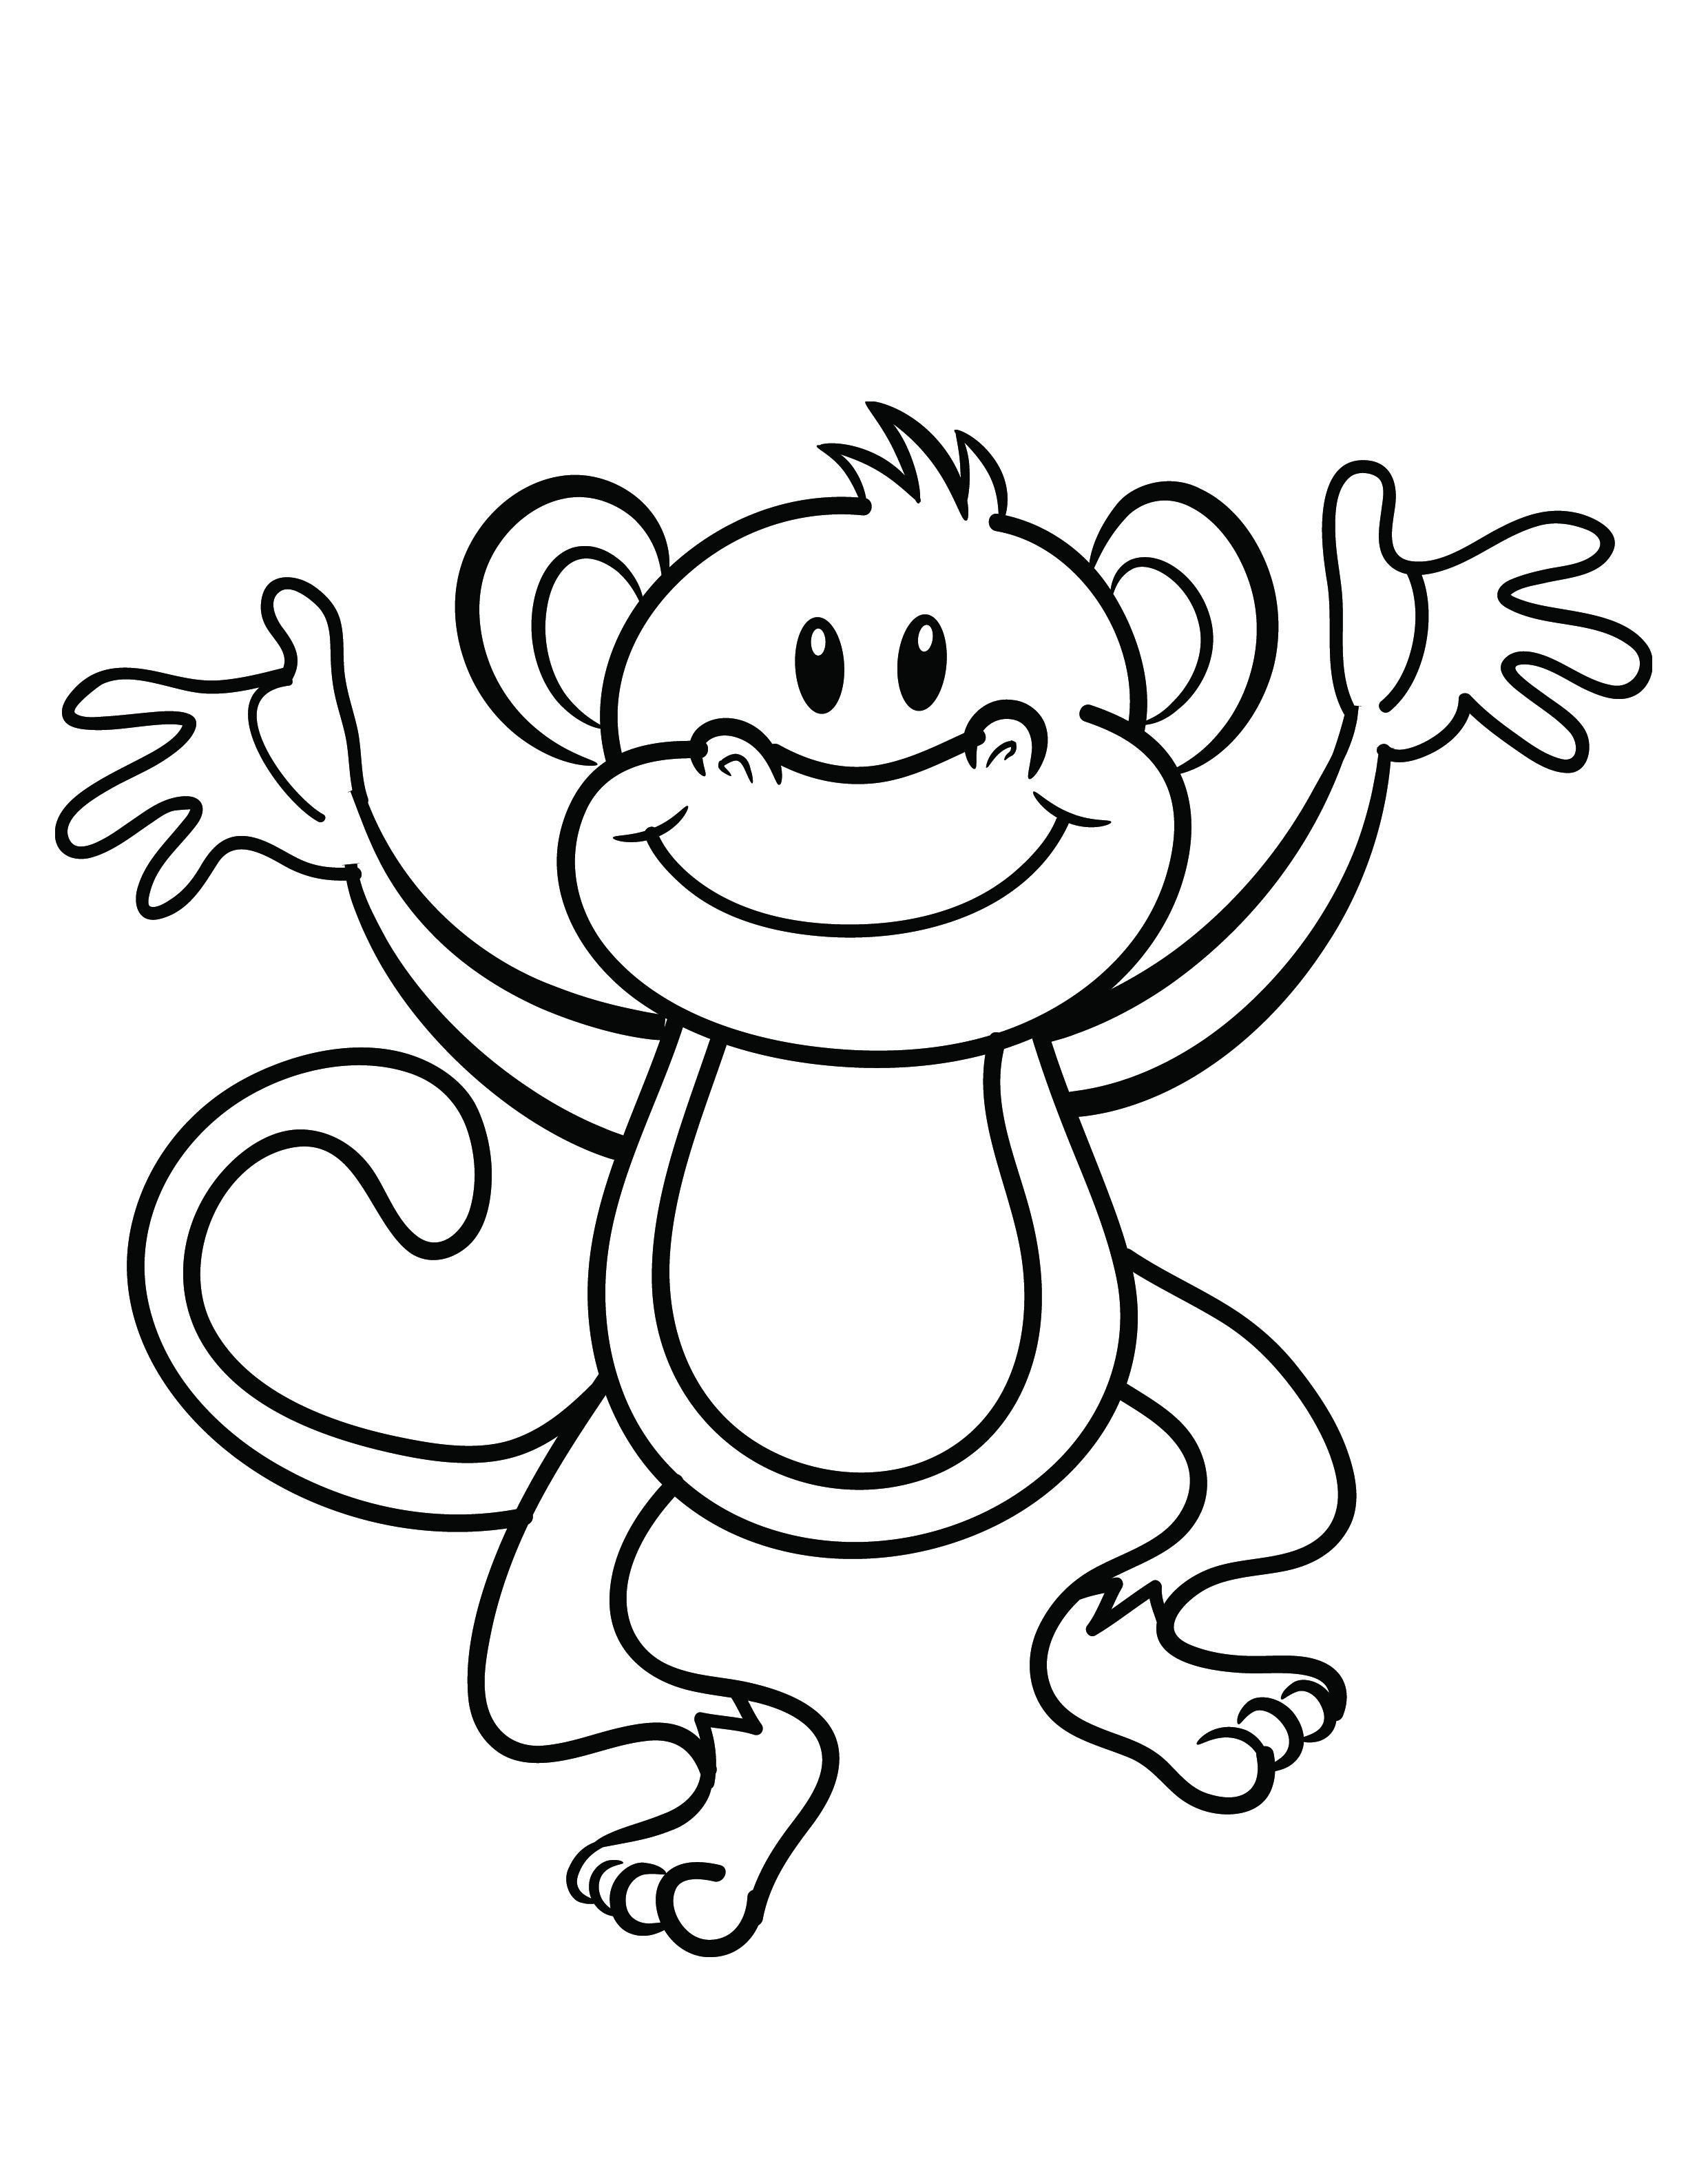 Free Printable Monkey Coloring Page   Cj 1St Birthday   Pinterest - Free Printable Monkey Coloring Sheets